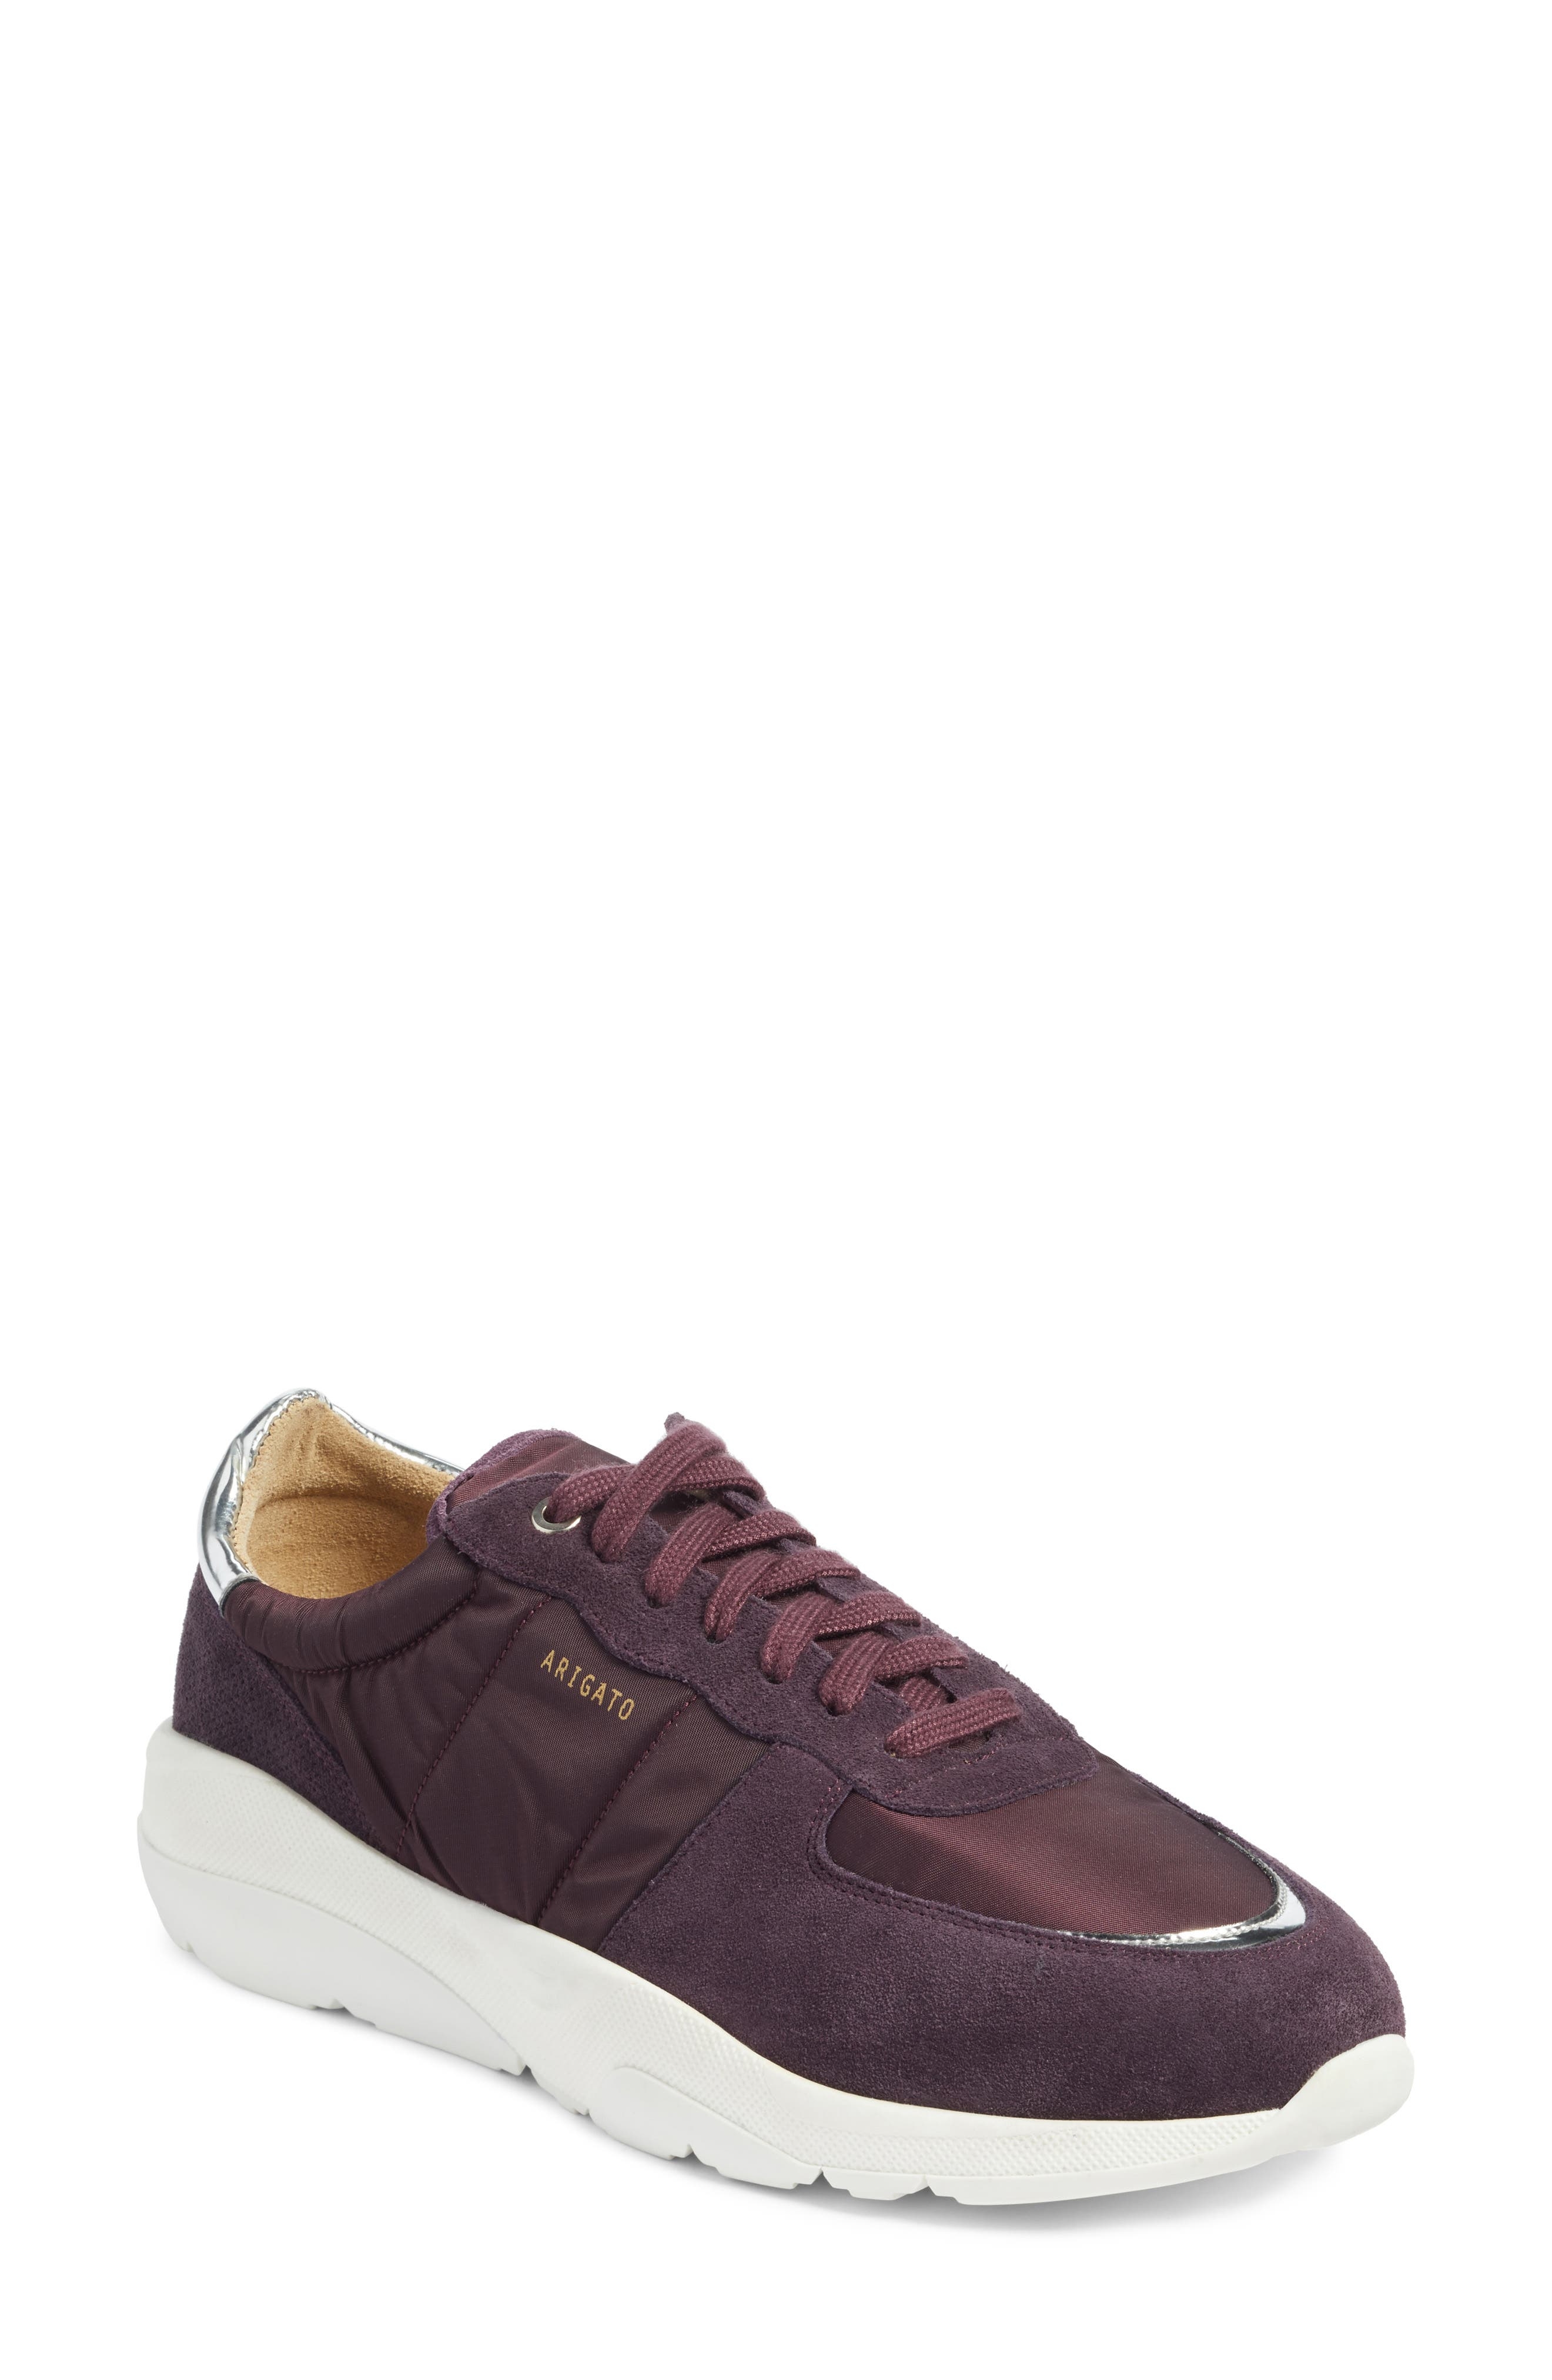 Geo Sneaker,                         Main,                         color,